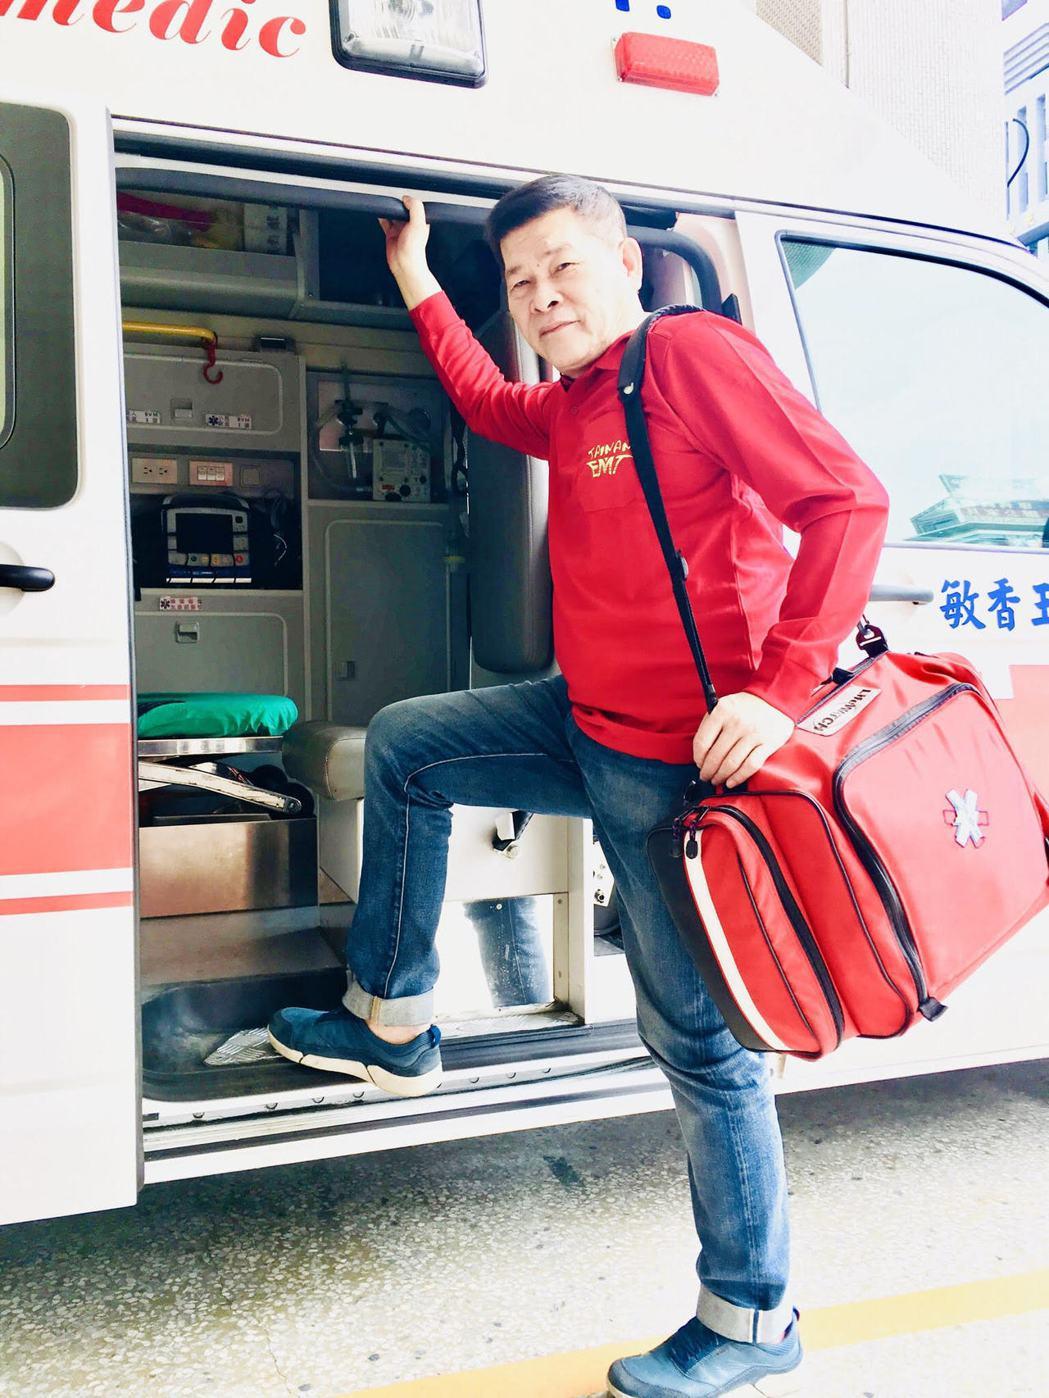 澎恰恰體驗消防工作。圖/翰森娛樂